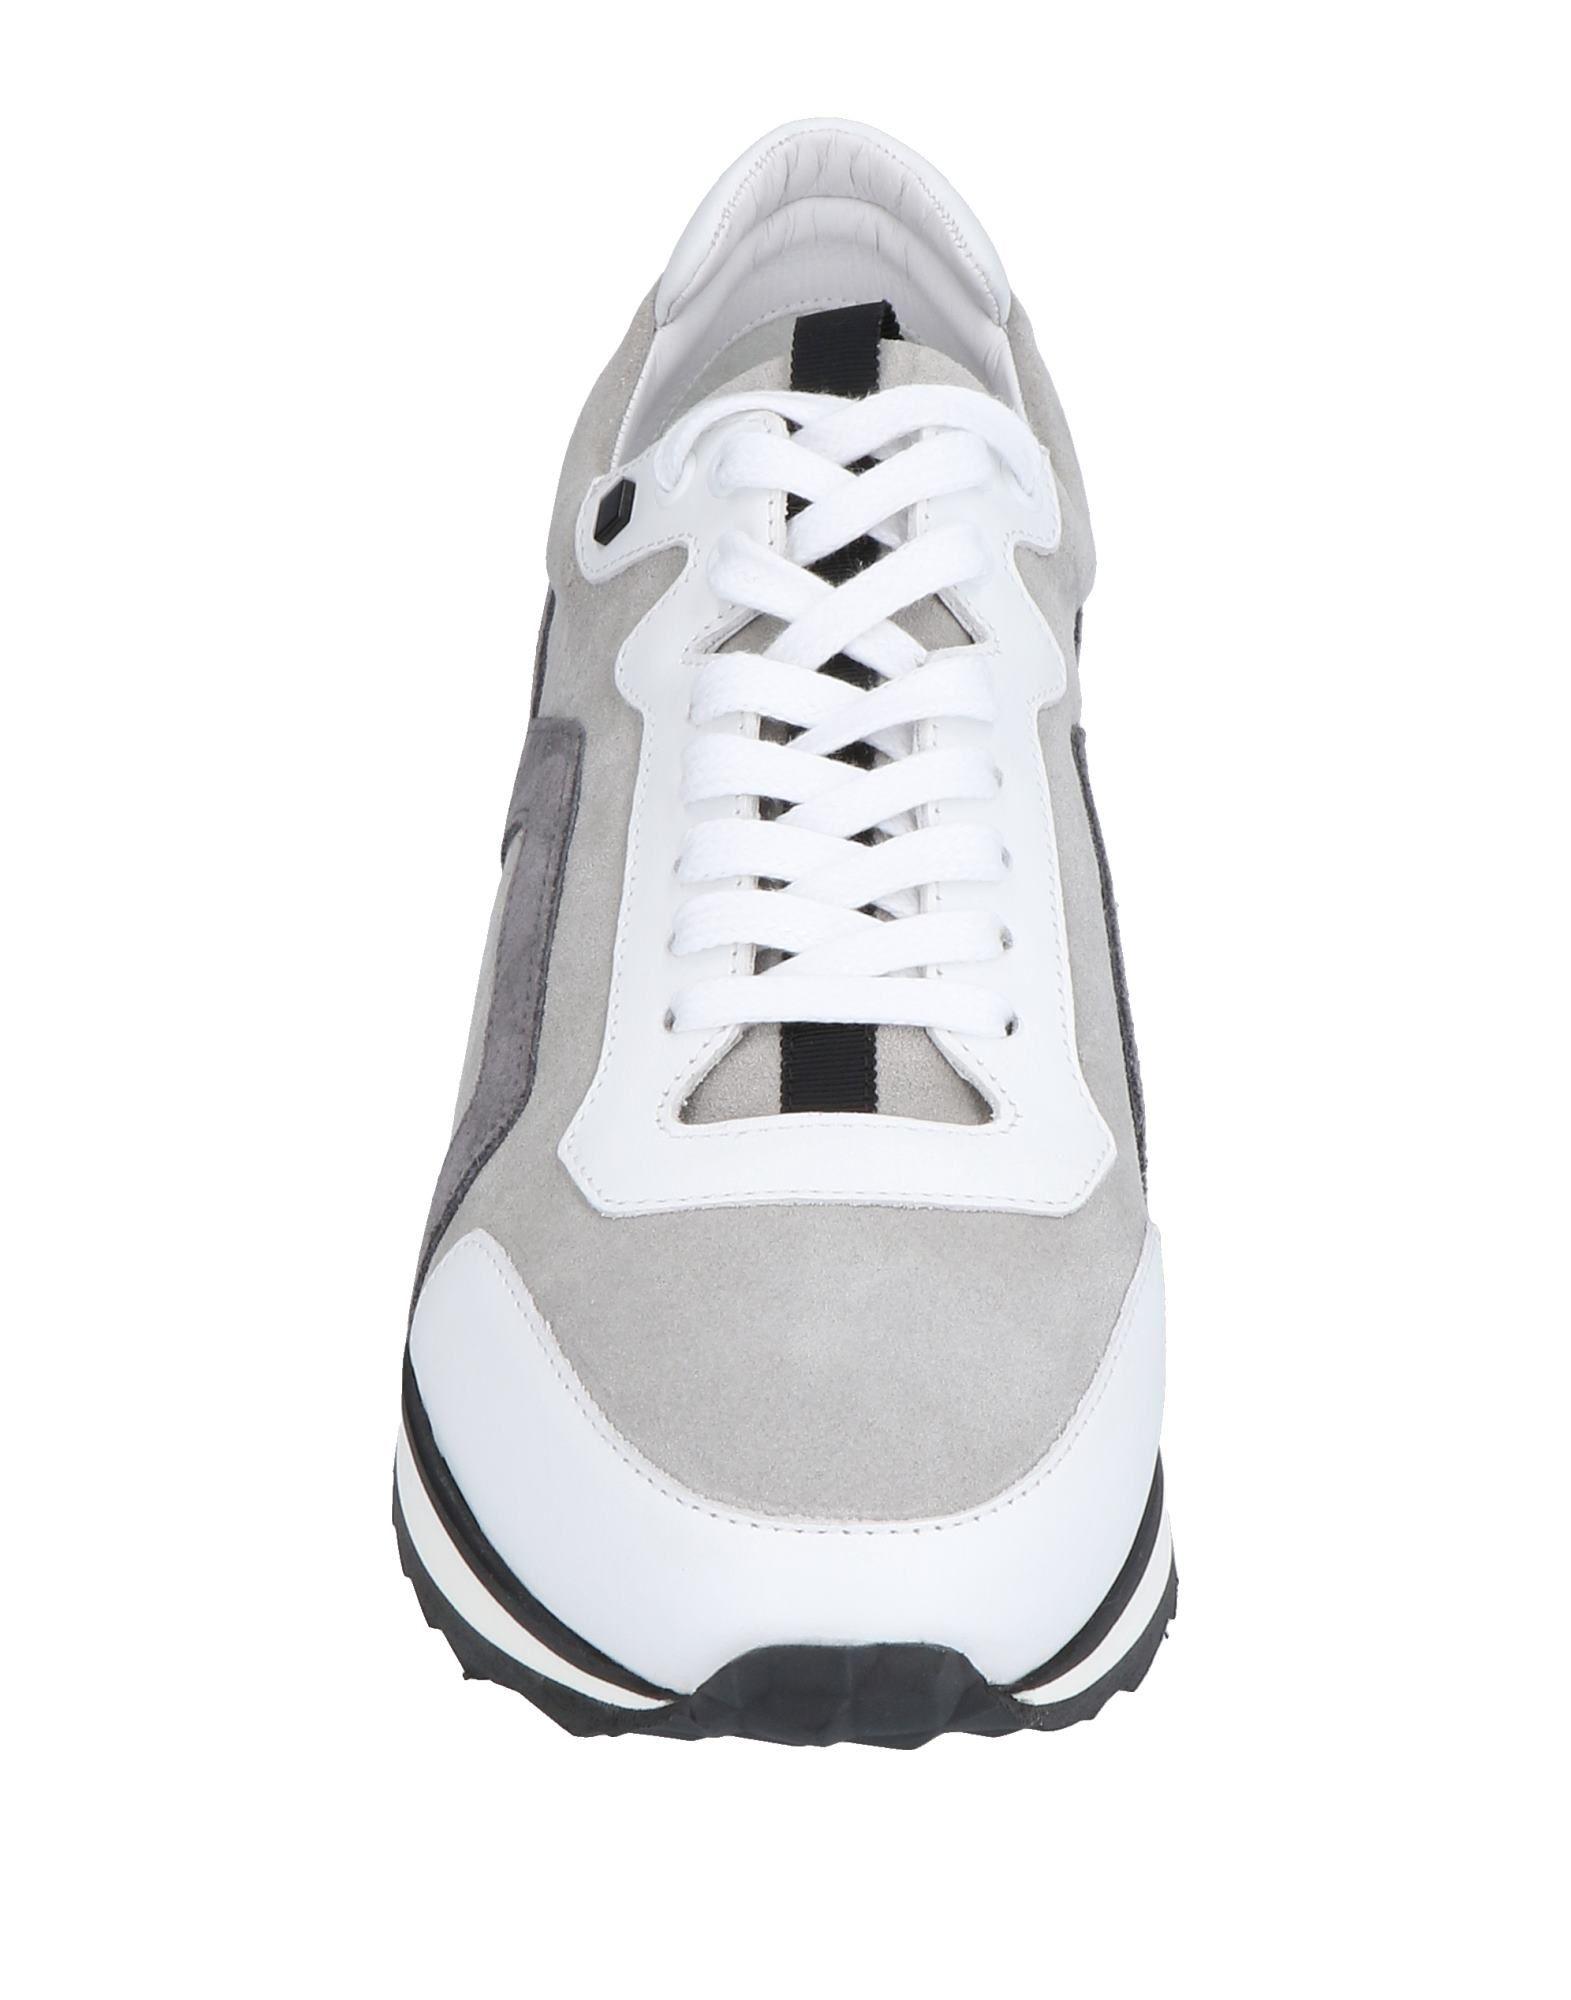 Pierre Hardy Sneakers Herren beliebte  11496406XH Gute Qualität beliebte Herren Schuhe 185f67